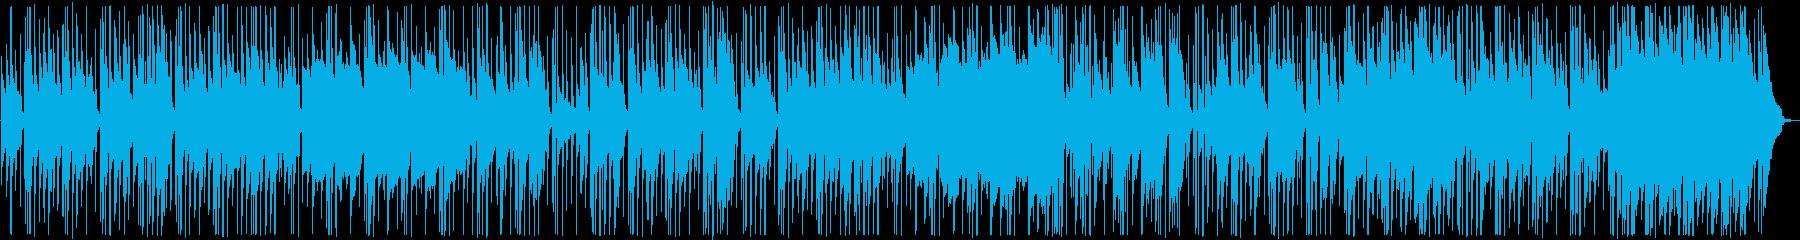 和風RPGの最初の街で流れていそうな曲の再生済みの波形